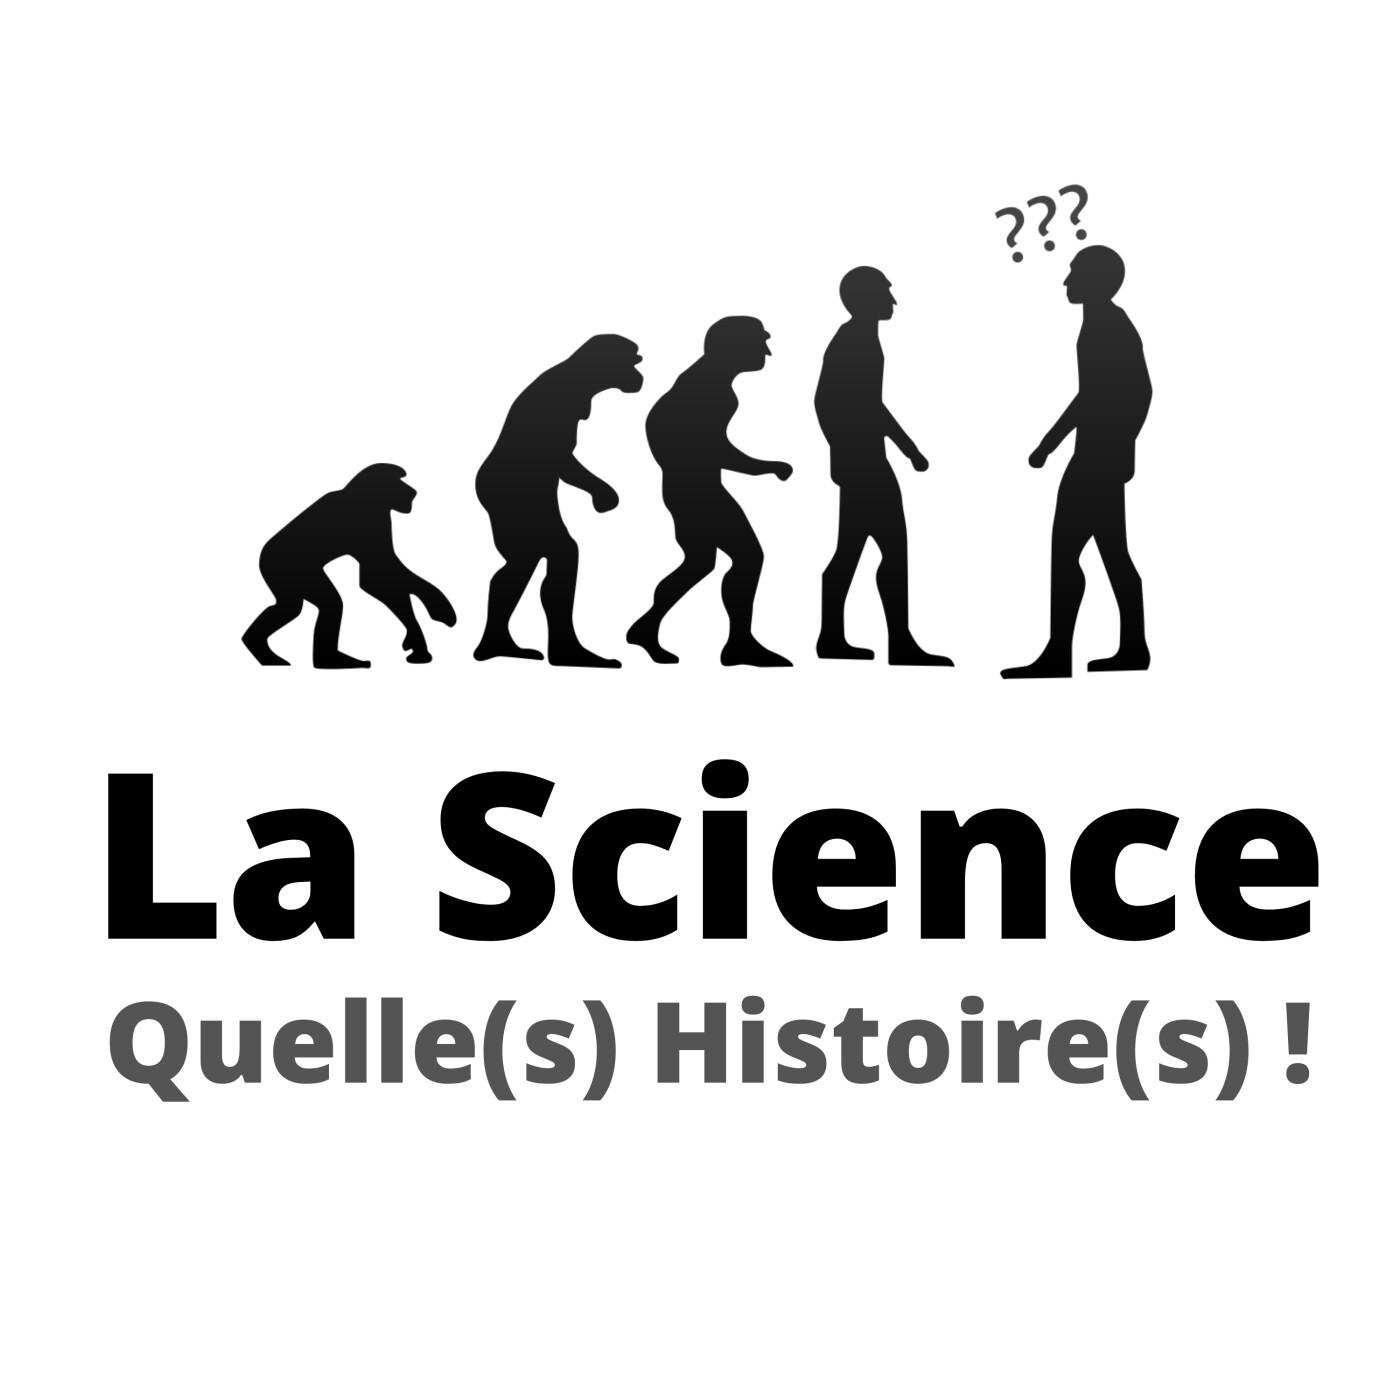 L'Acromégalie, Quelle(s) Histoire(s) !